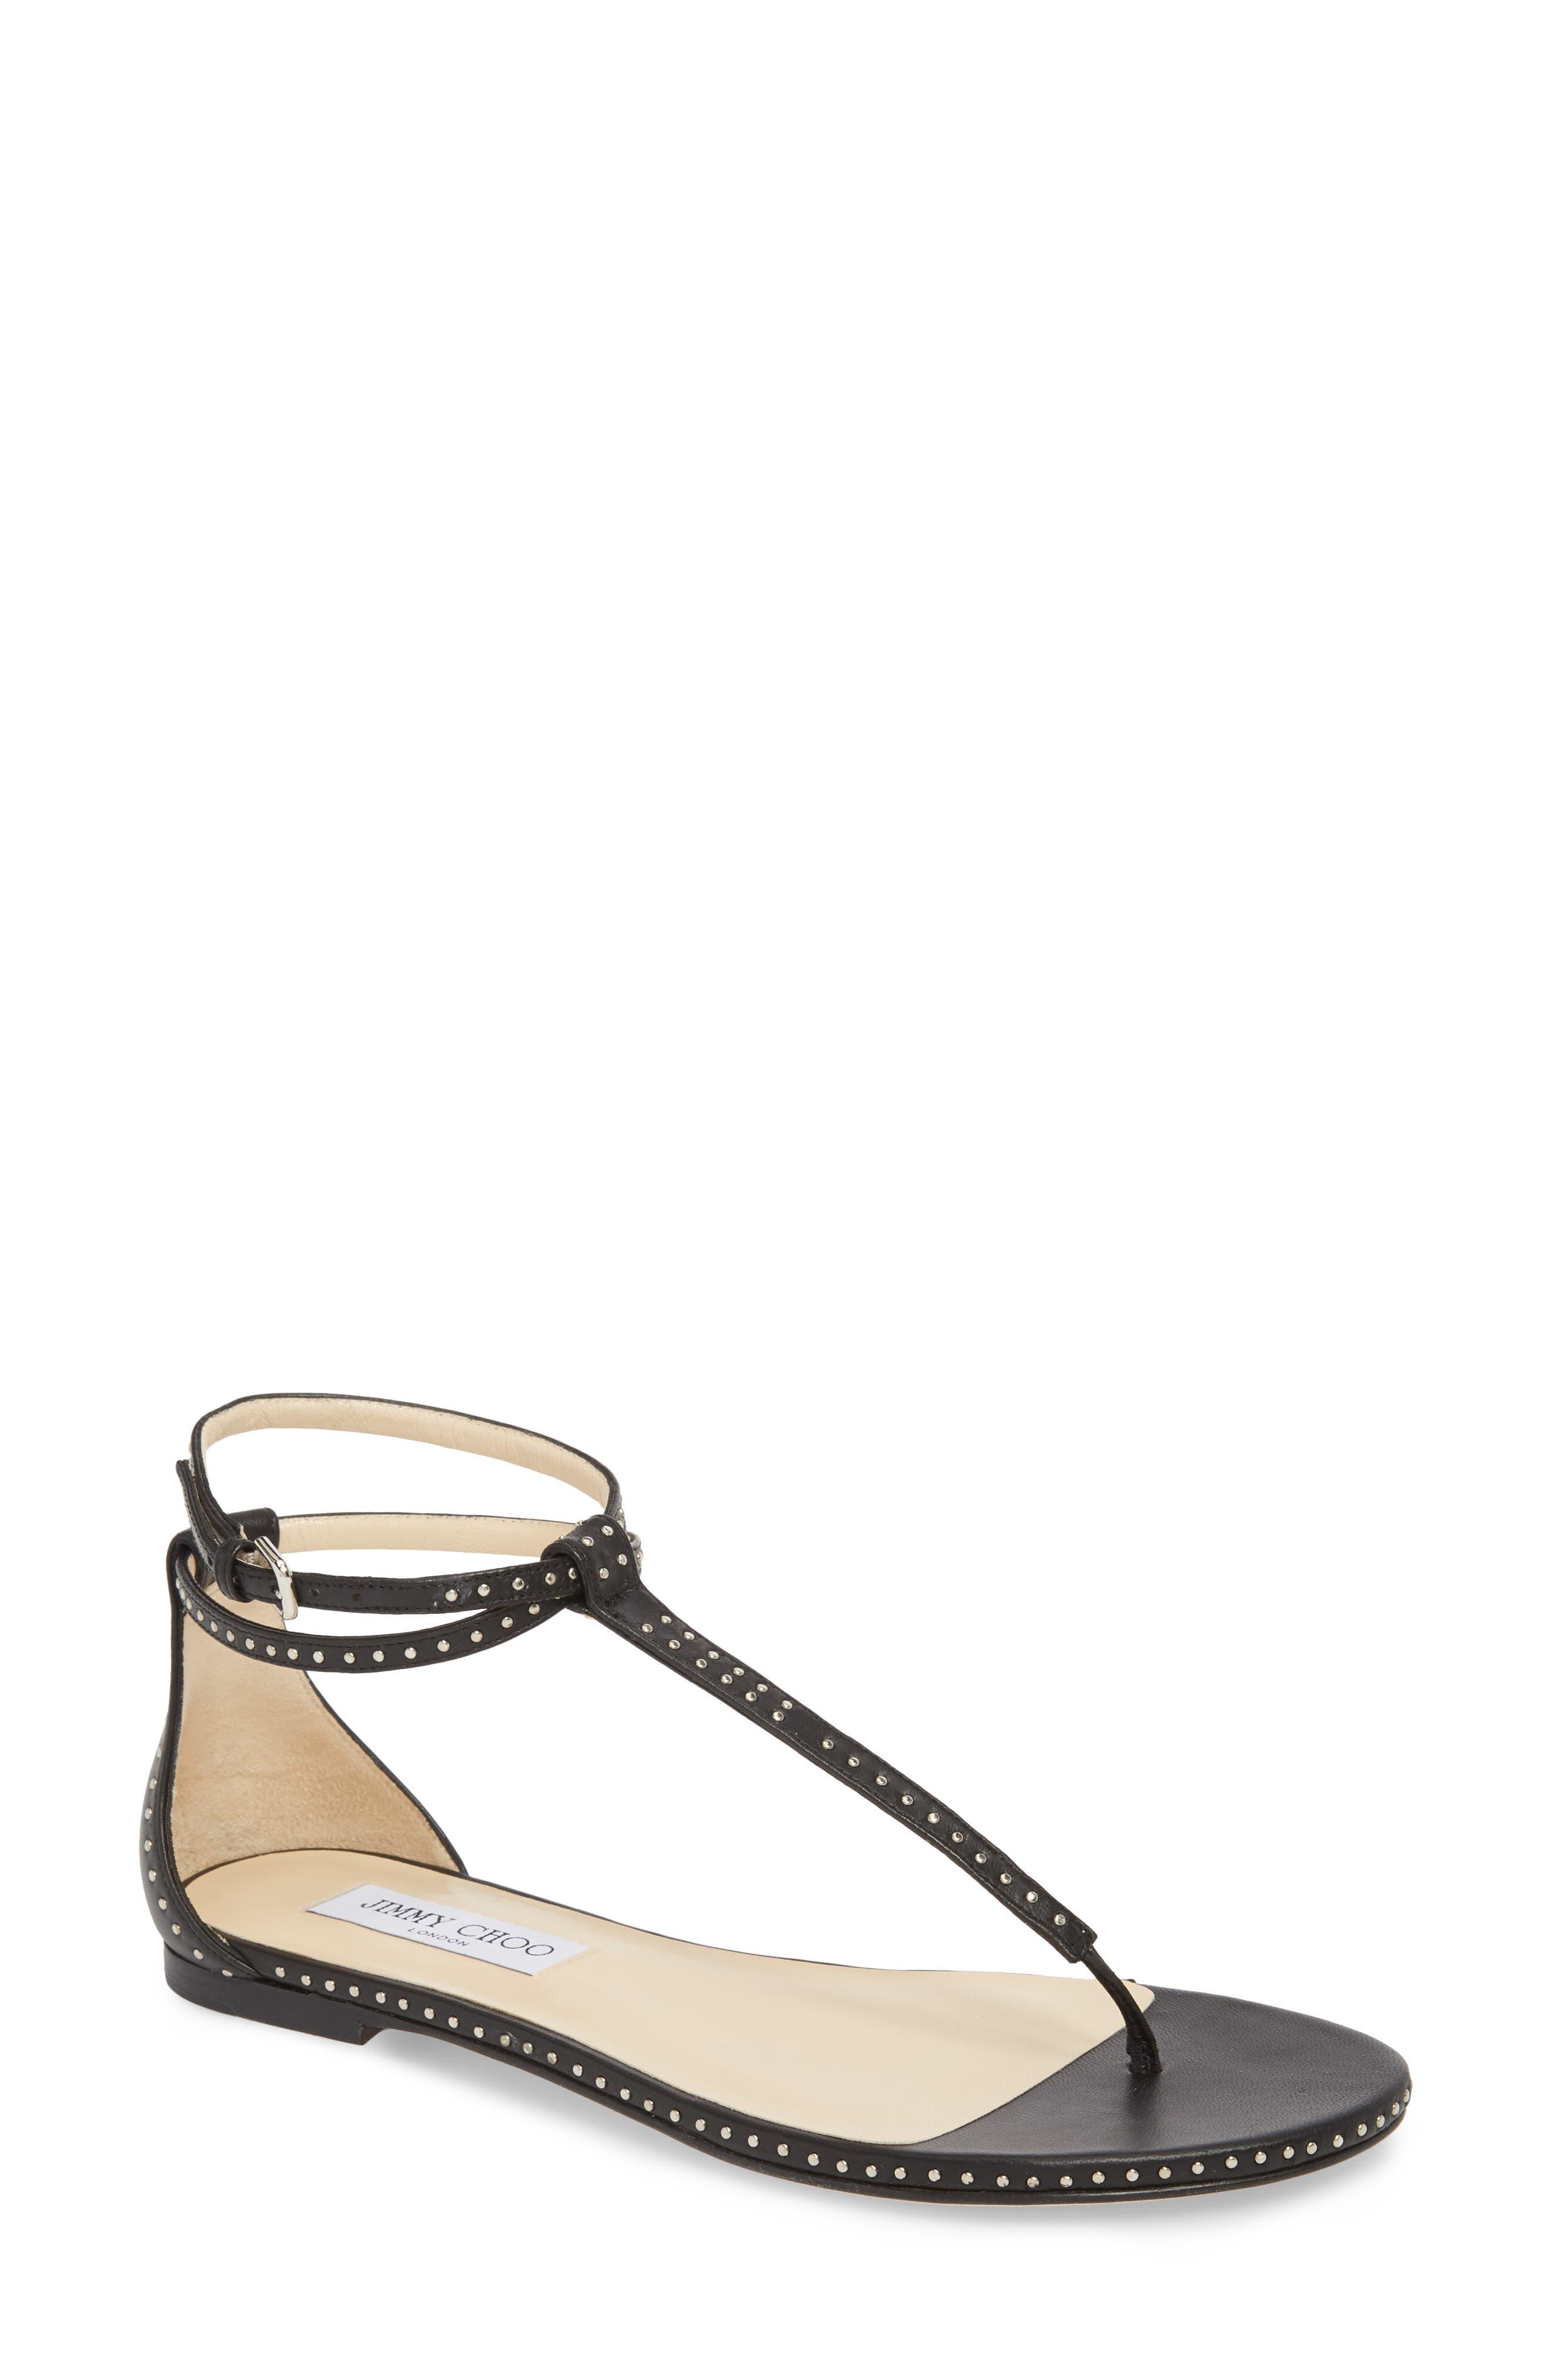 Afia Studded Flat Sandal,                             Main thumbnail 1, color,                             BLACK